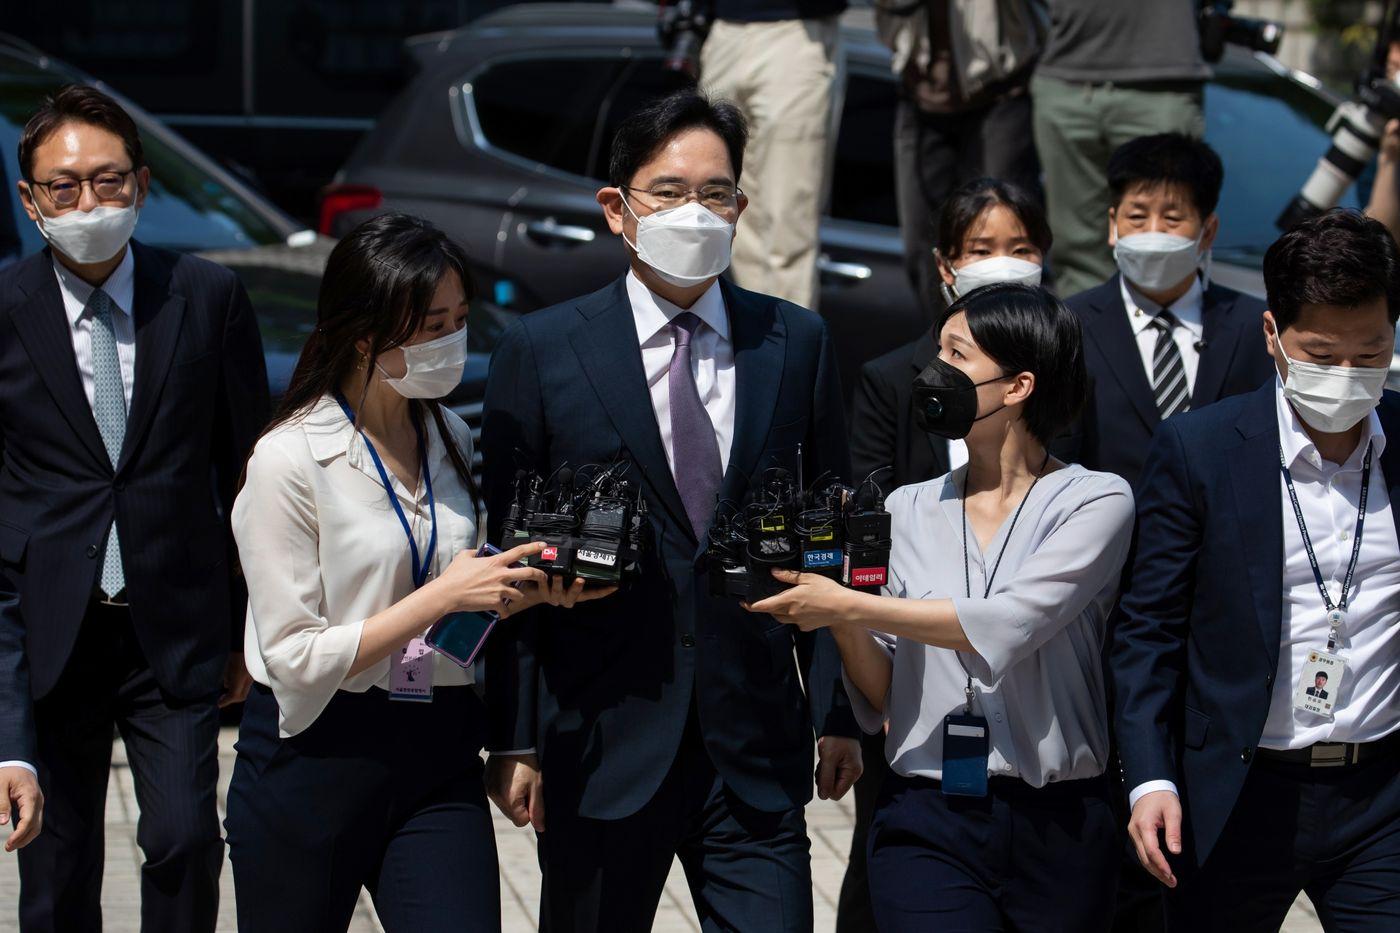 Tại sao người thừa kế tập đoàn Samsung phải đối mặt với tù tội một lần nữa? - Ảnh 1.